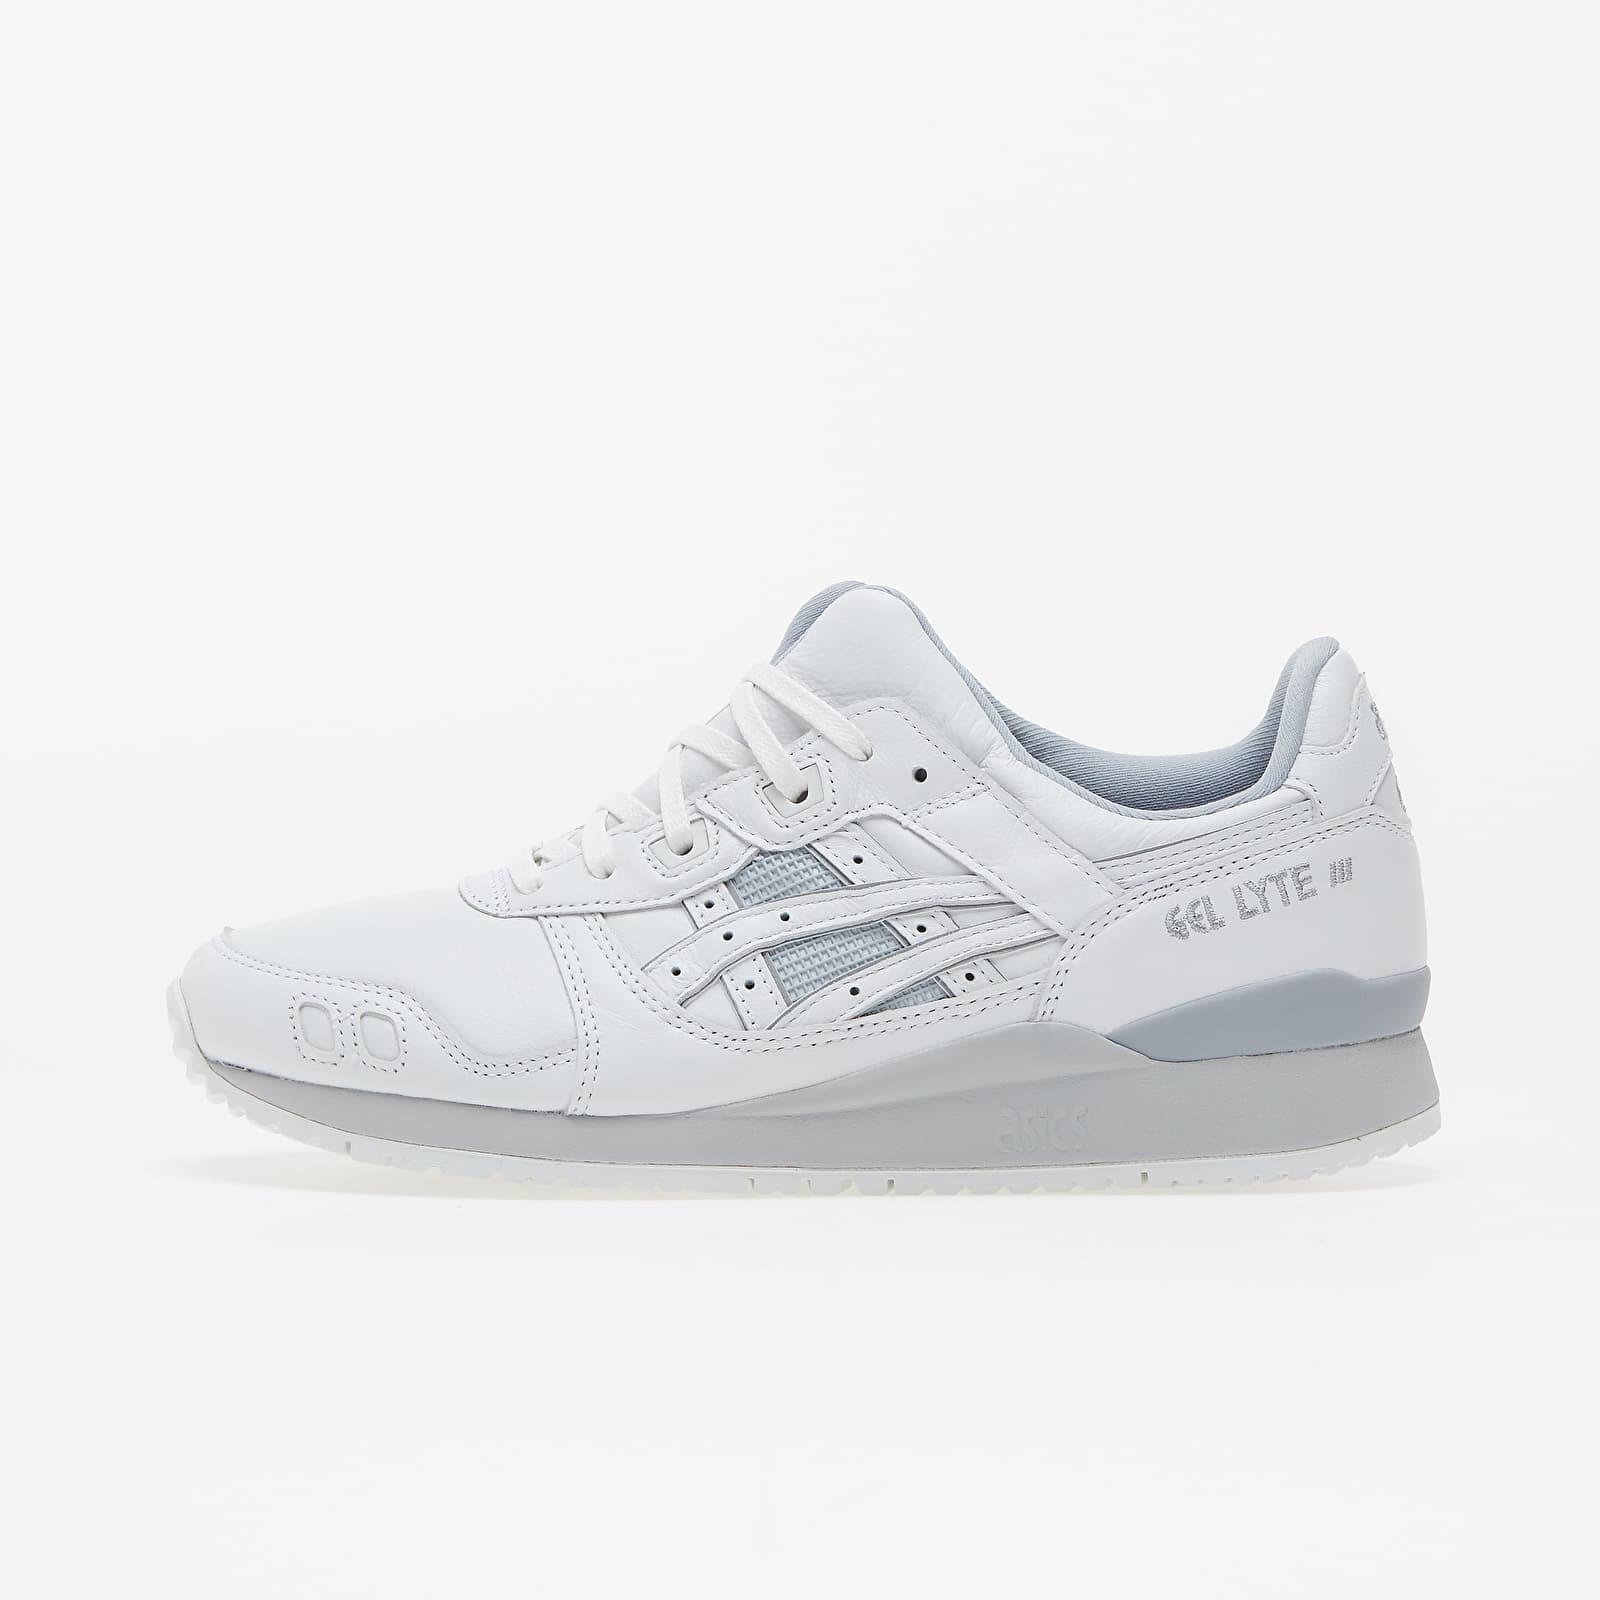 Asics Gel-Lyte III OG White/ White EUR 44